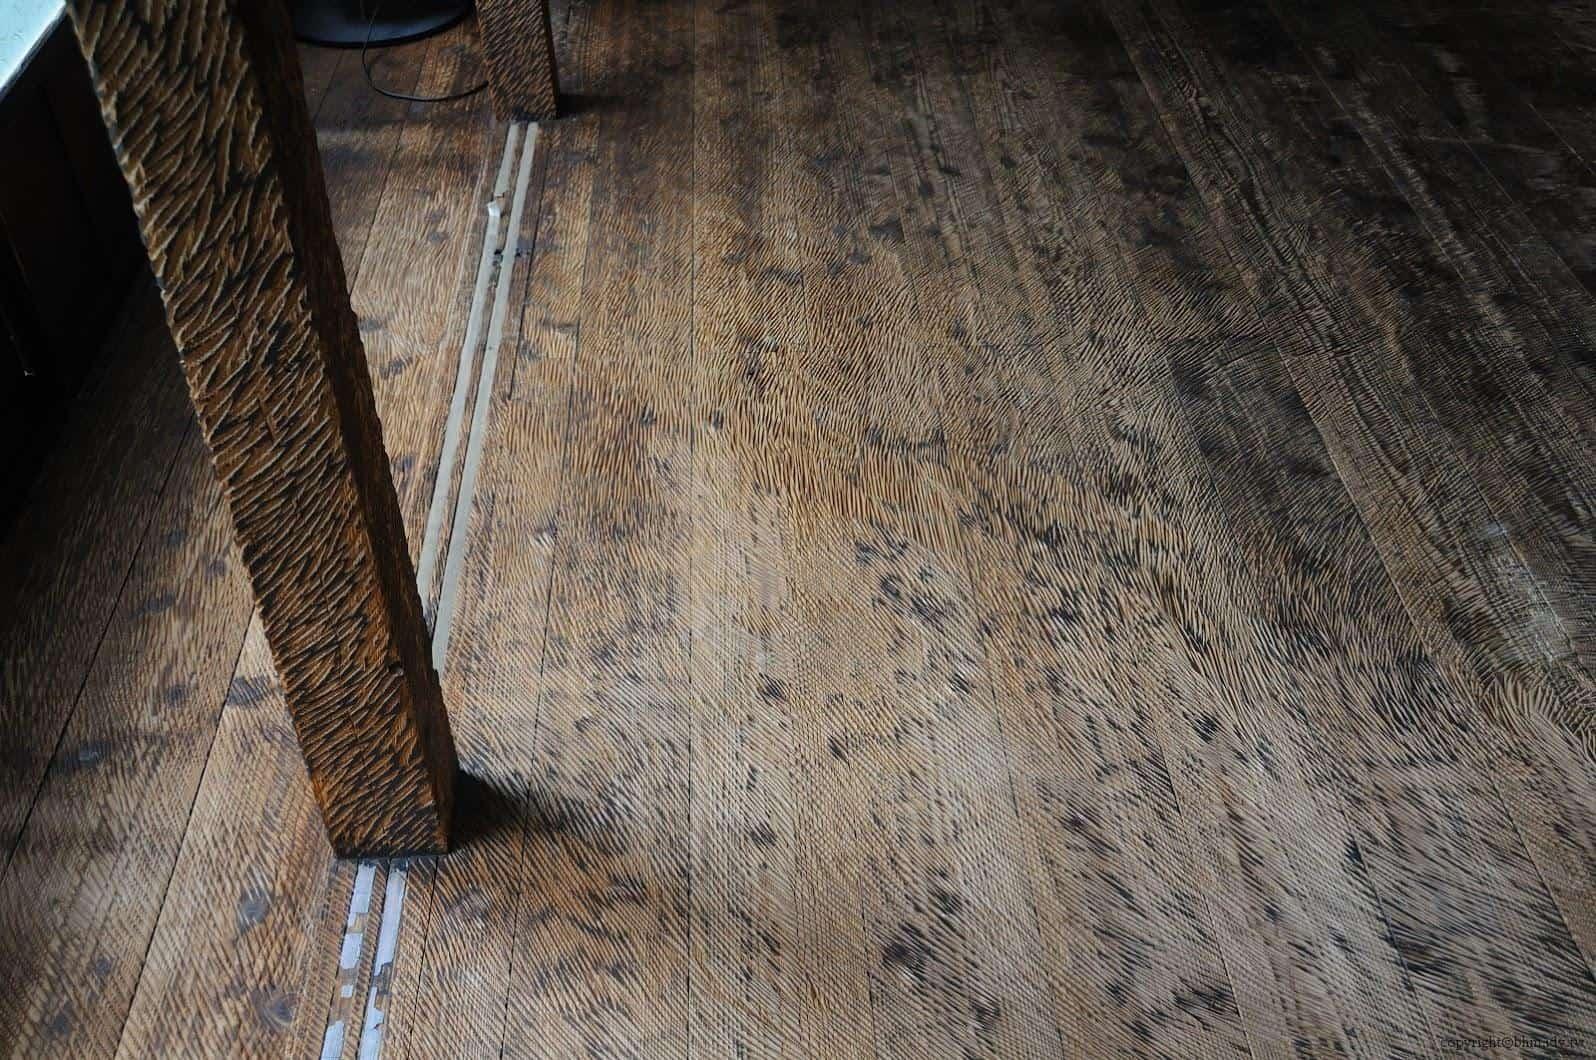 鞍掛純一+日本藝術大學雕刻組志工,脫皮之家,所有的藝術作品唯有此處可透過觸覺-赤腳,透過踩在地上感受到刀刀用心的藝術創作 脫皮之家 脫皮之家 sheding house 04